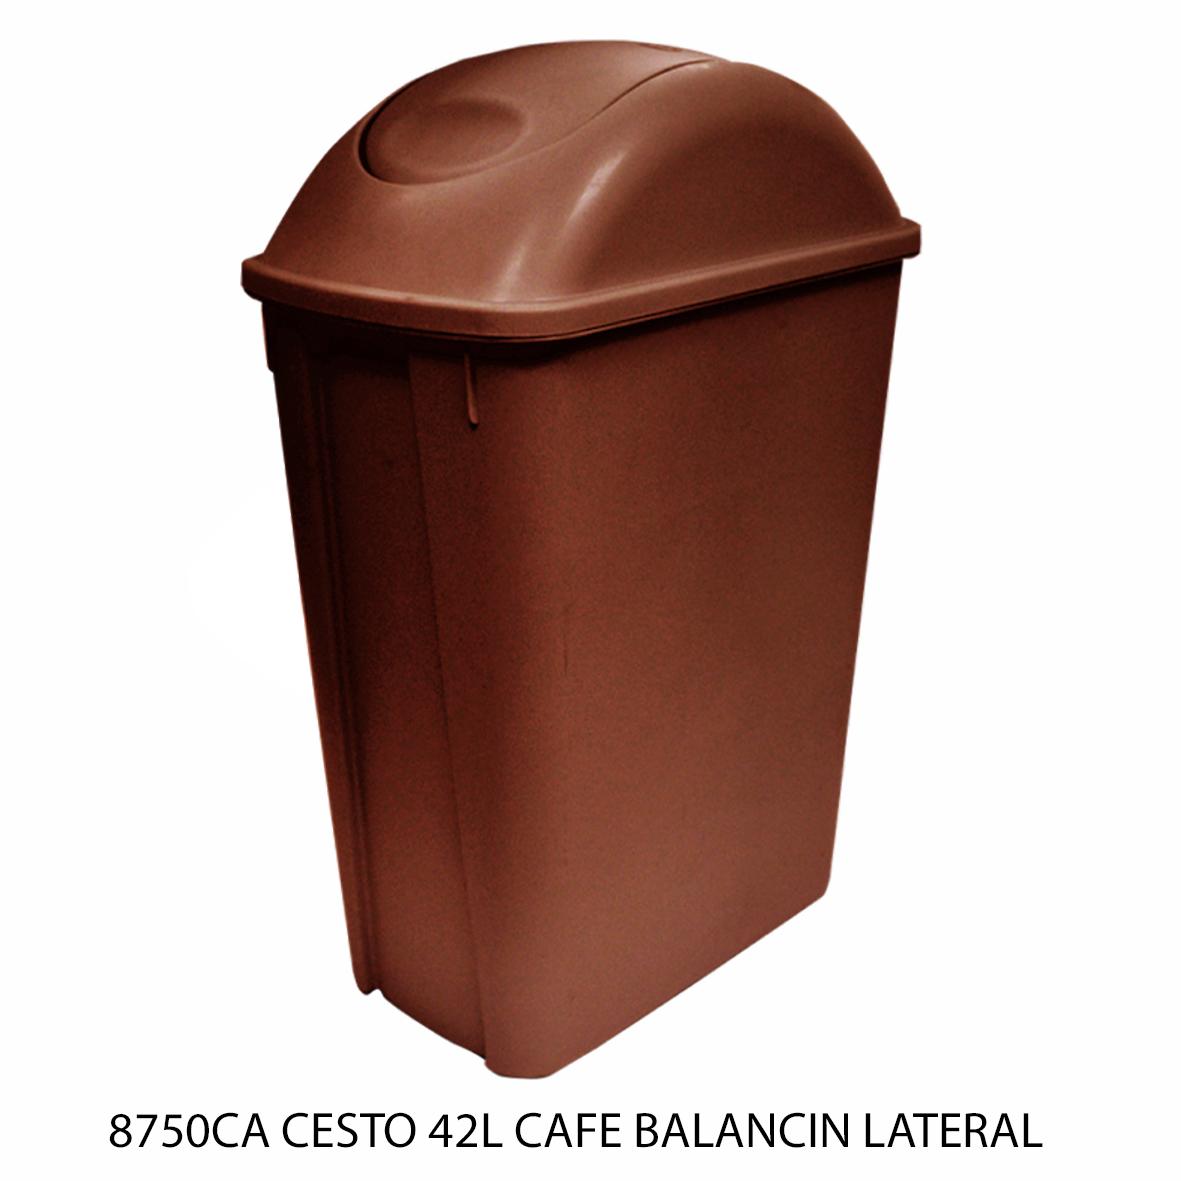 Bote de basura mediano de 42 litros con balancín lateral color café modelo 8750CA de Sablón